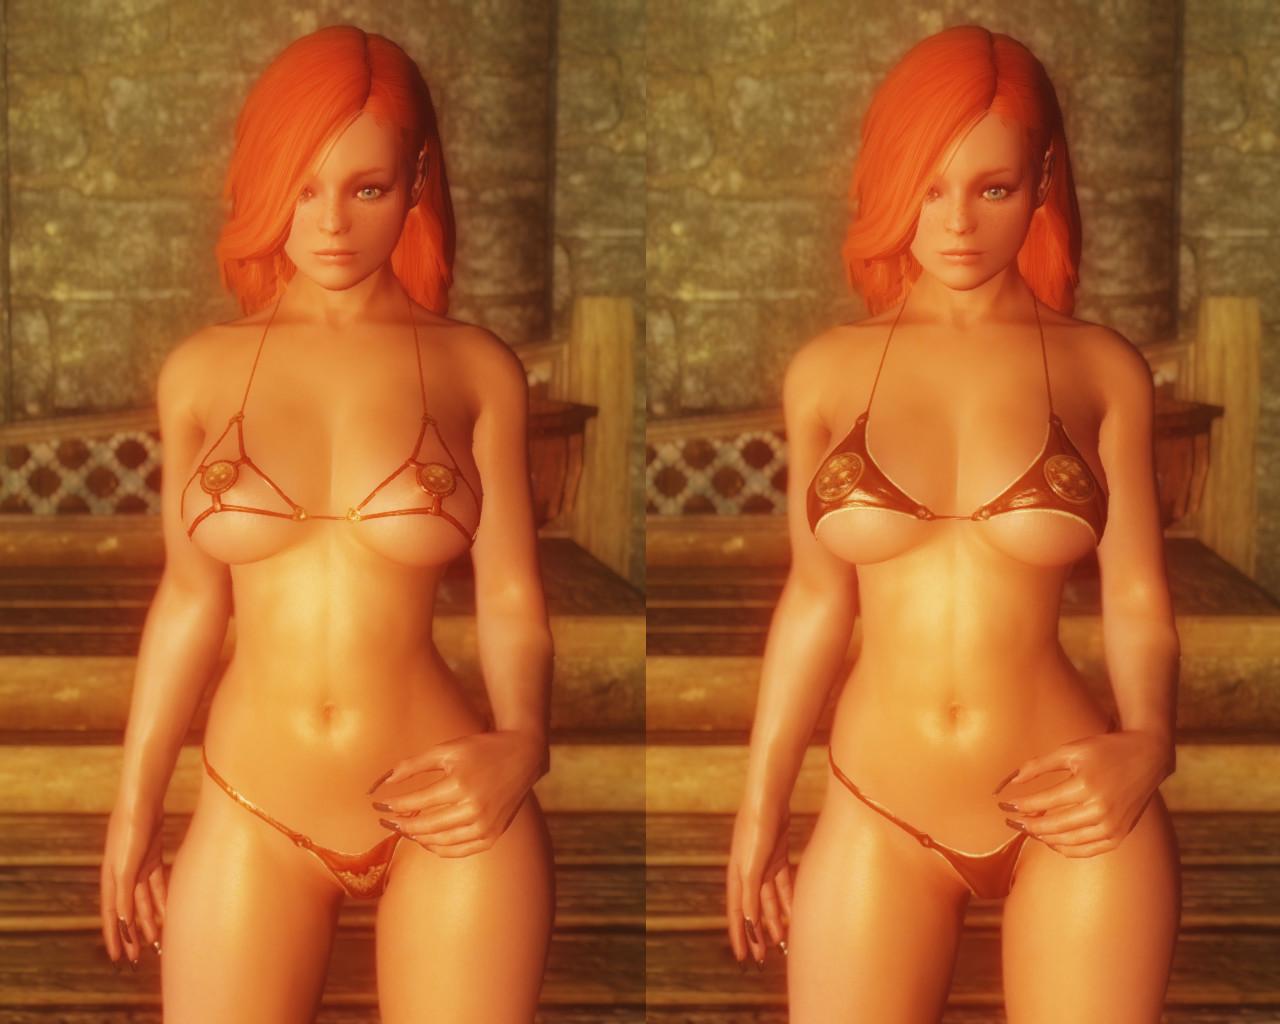 armored-bikini-04.jpg